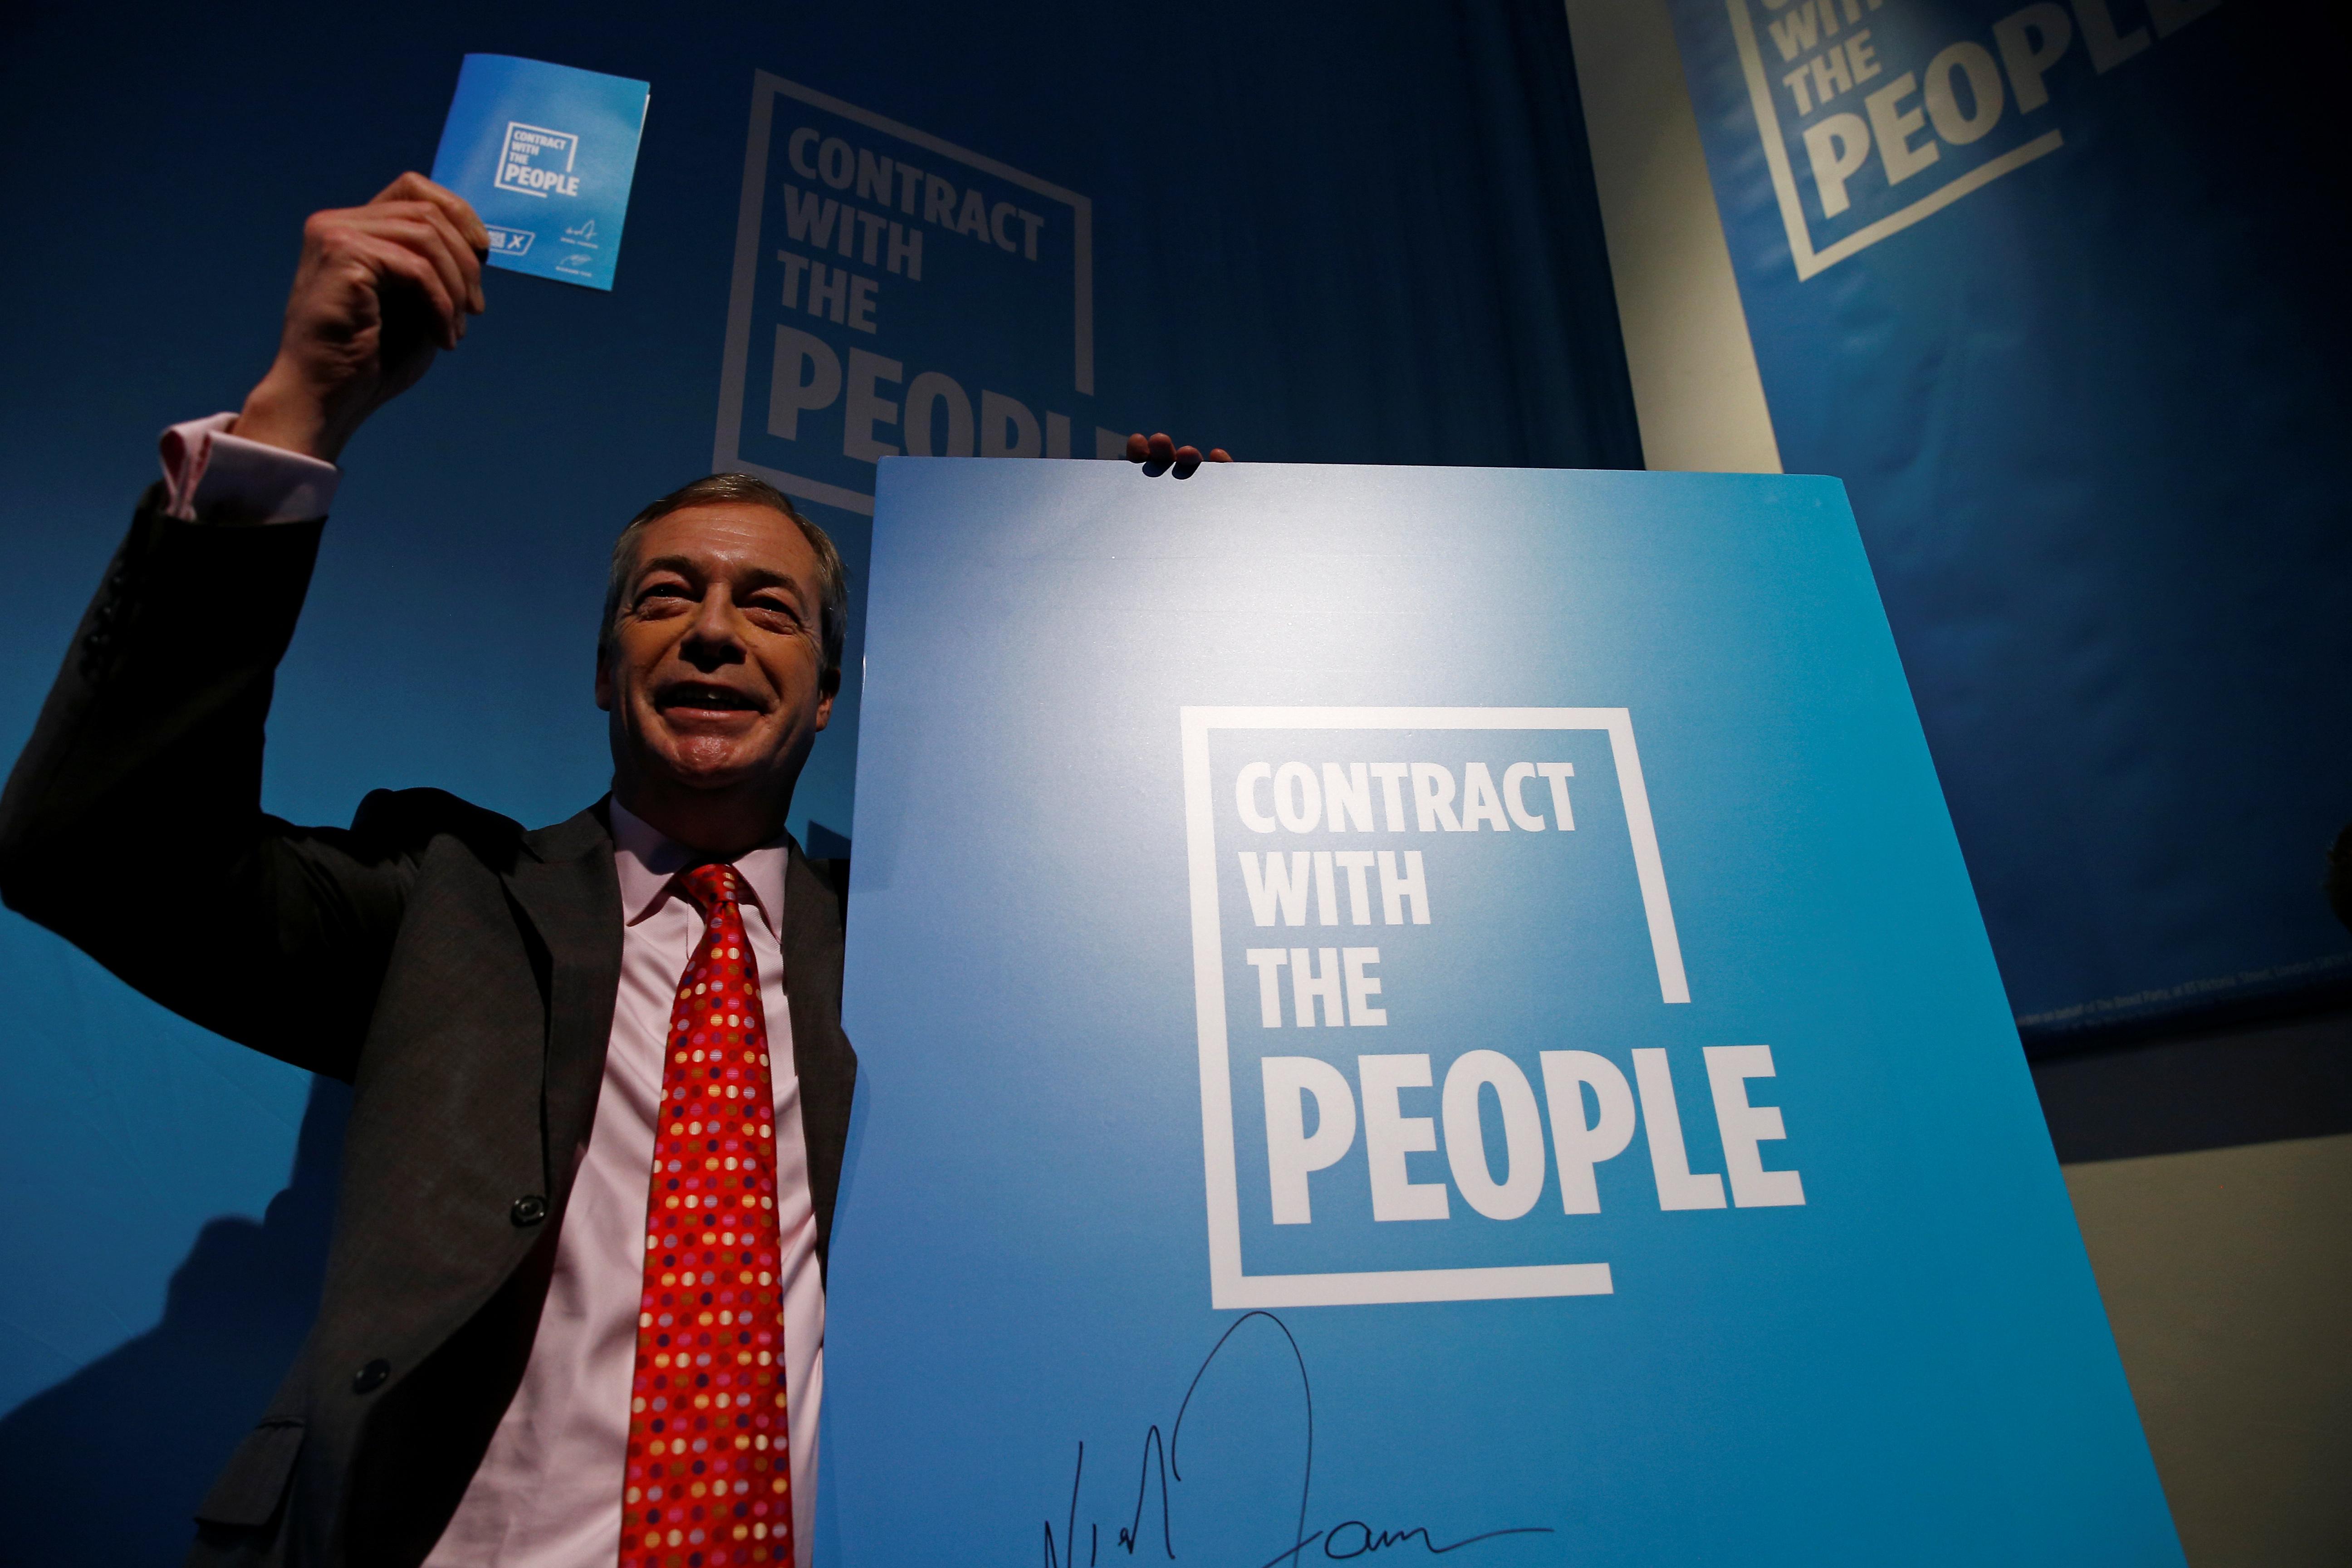 Βρετανία – Εκλογές: Το «συμβόλαιο με τους πολίτες» παρουσίασε το κόμμα του Brexit